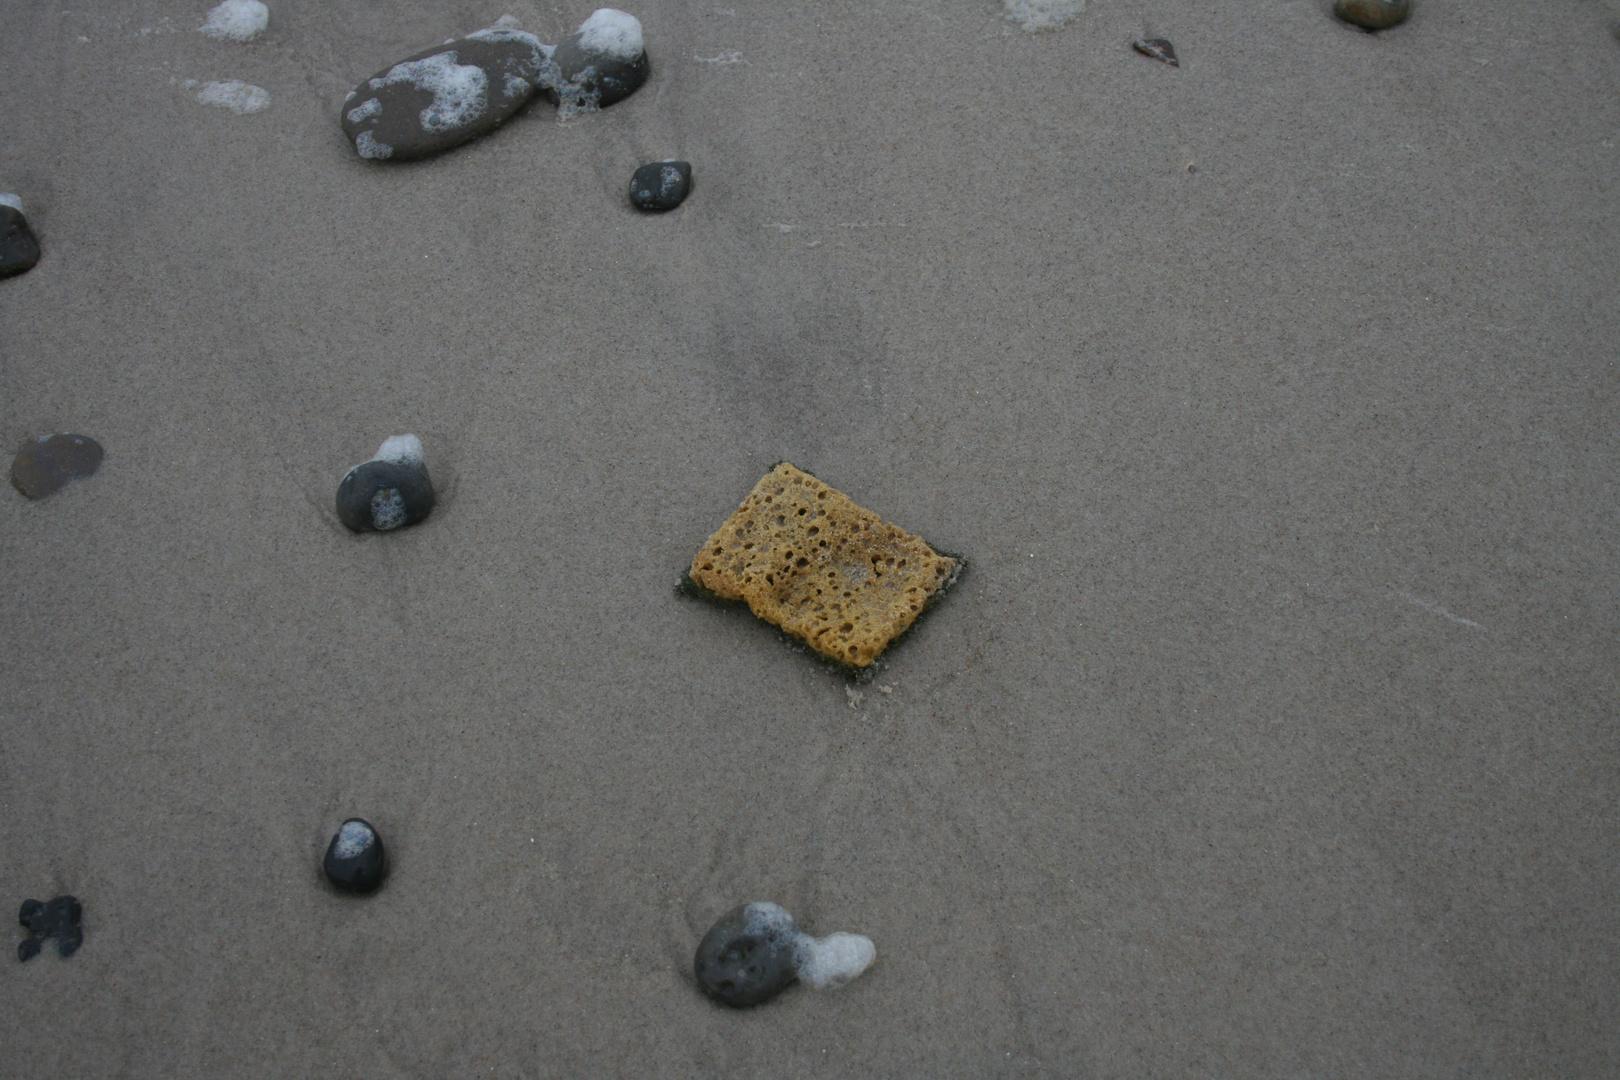 Spongebob Ertrunken!